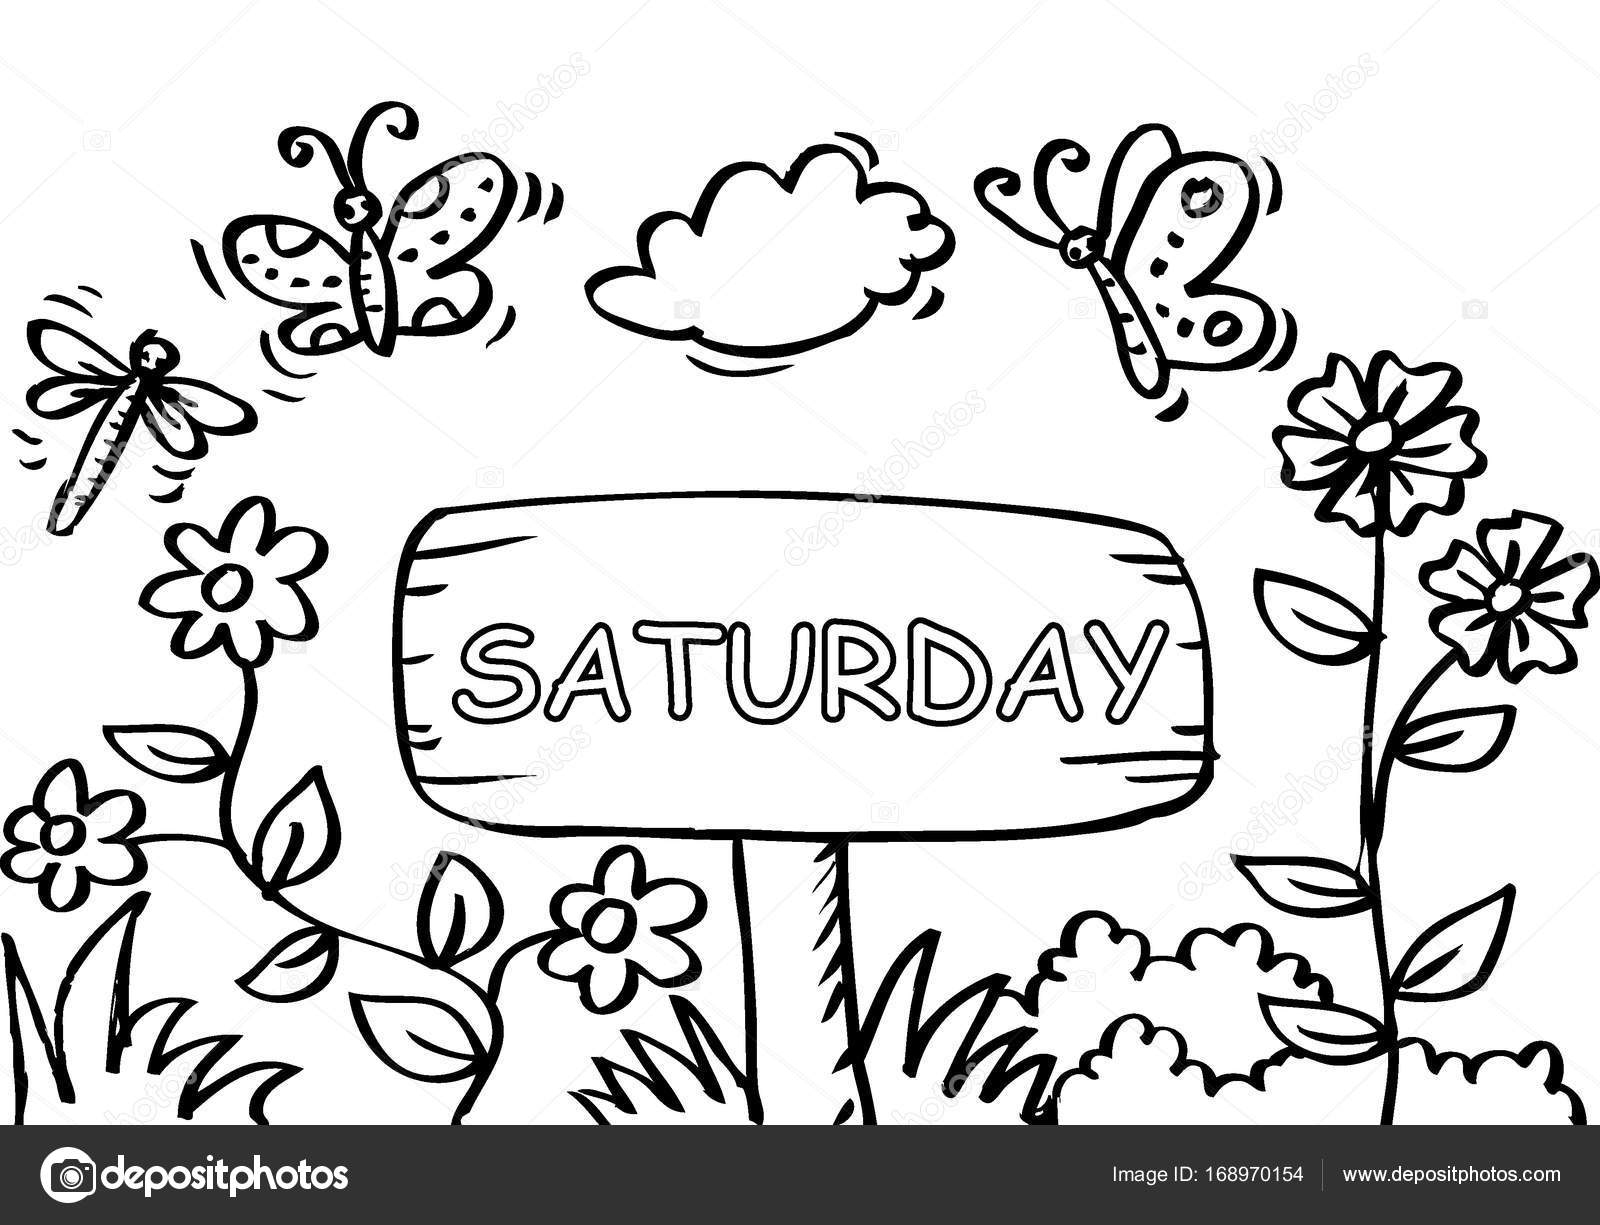 Página para colorear de sábado con mariposa — Foto de stock ...